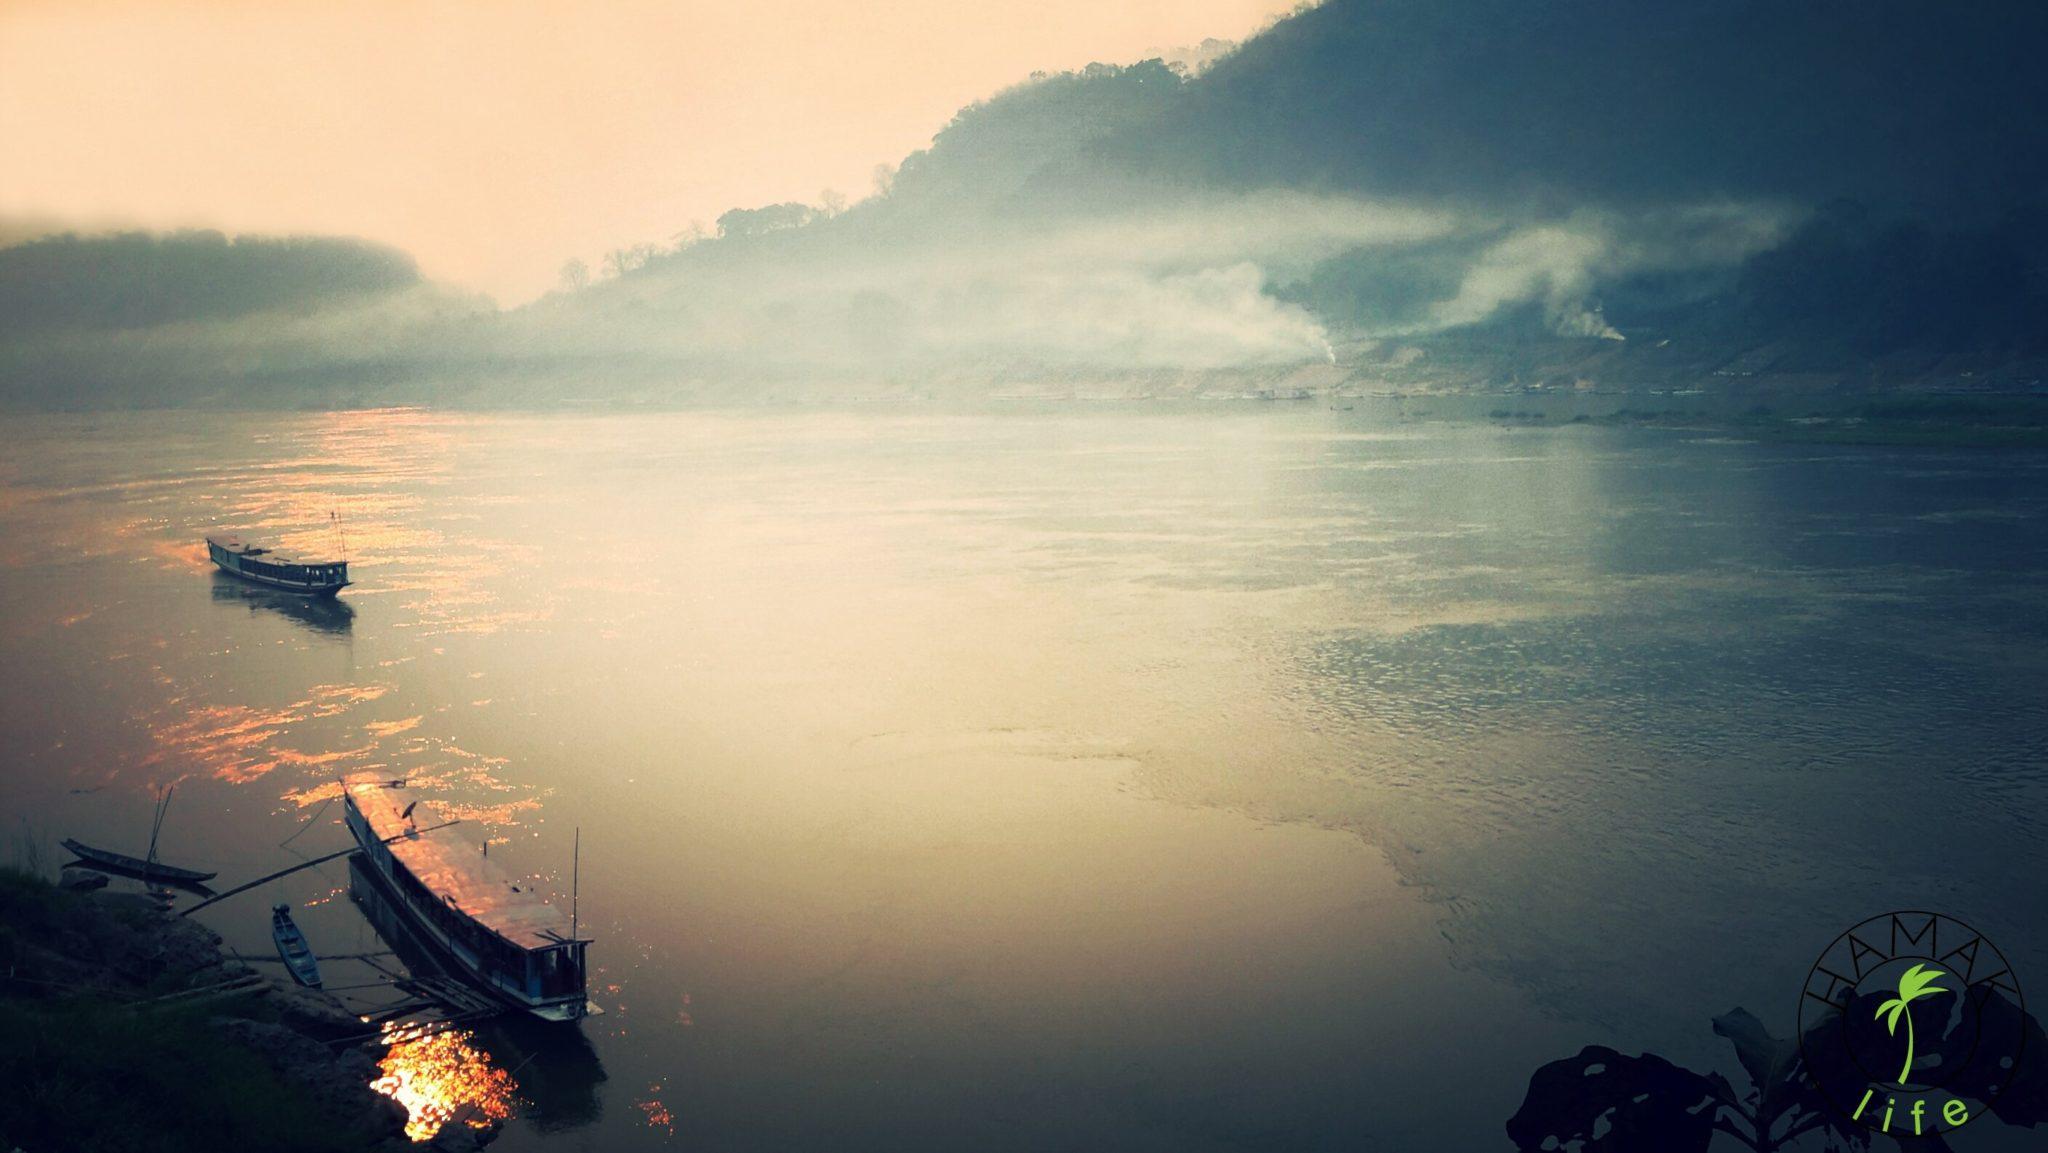 Mekong o zachodzie słońca. Łodzie zacumowane w porcie.